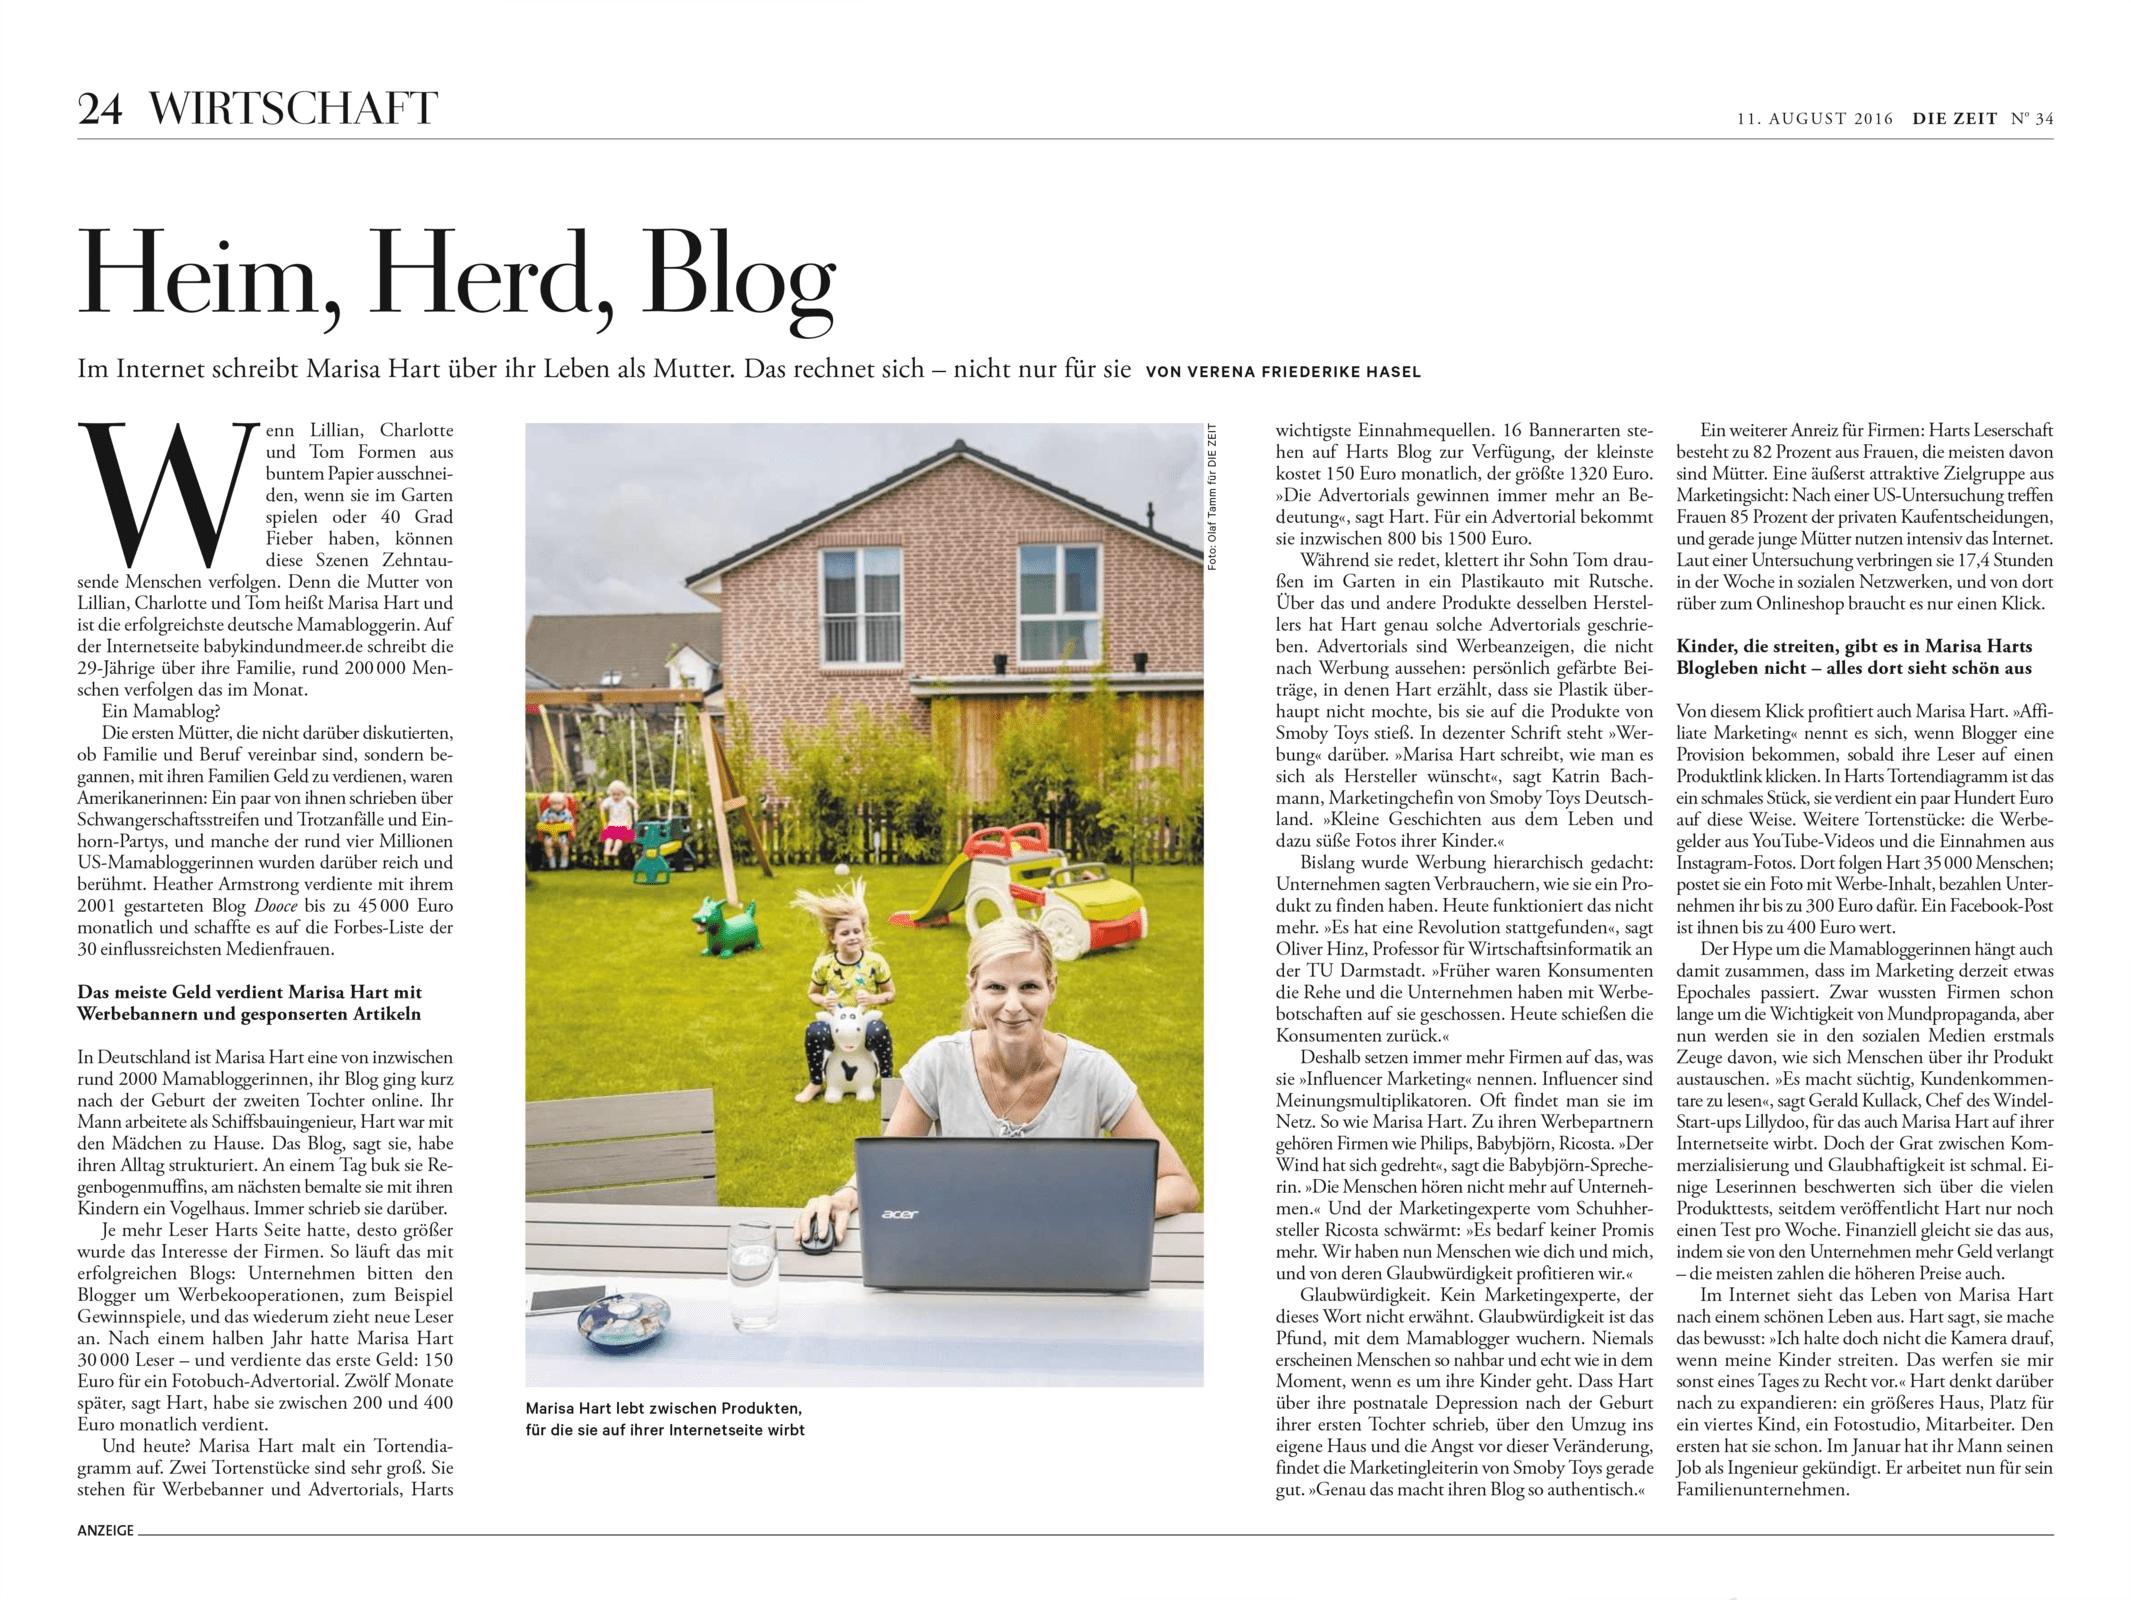 Die Zeit 20160811 Heim, Herd, Blog